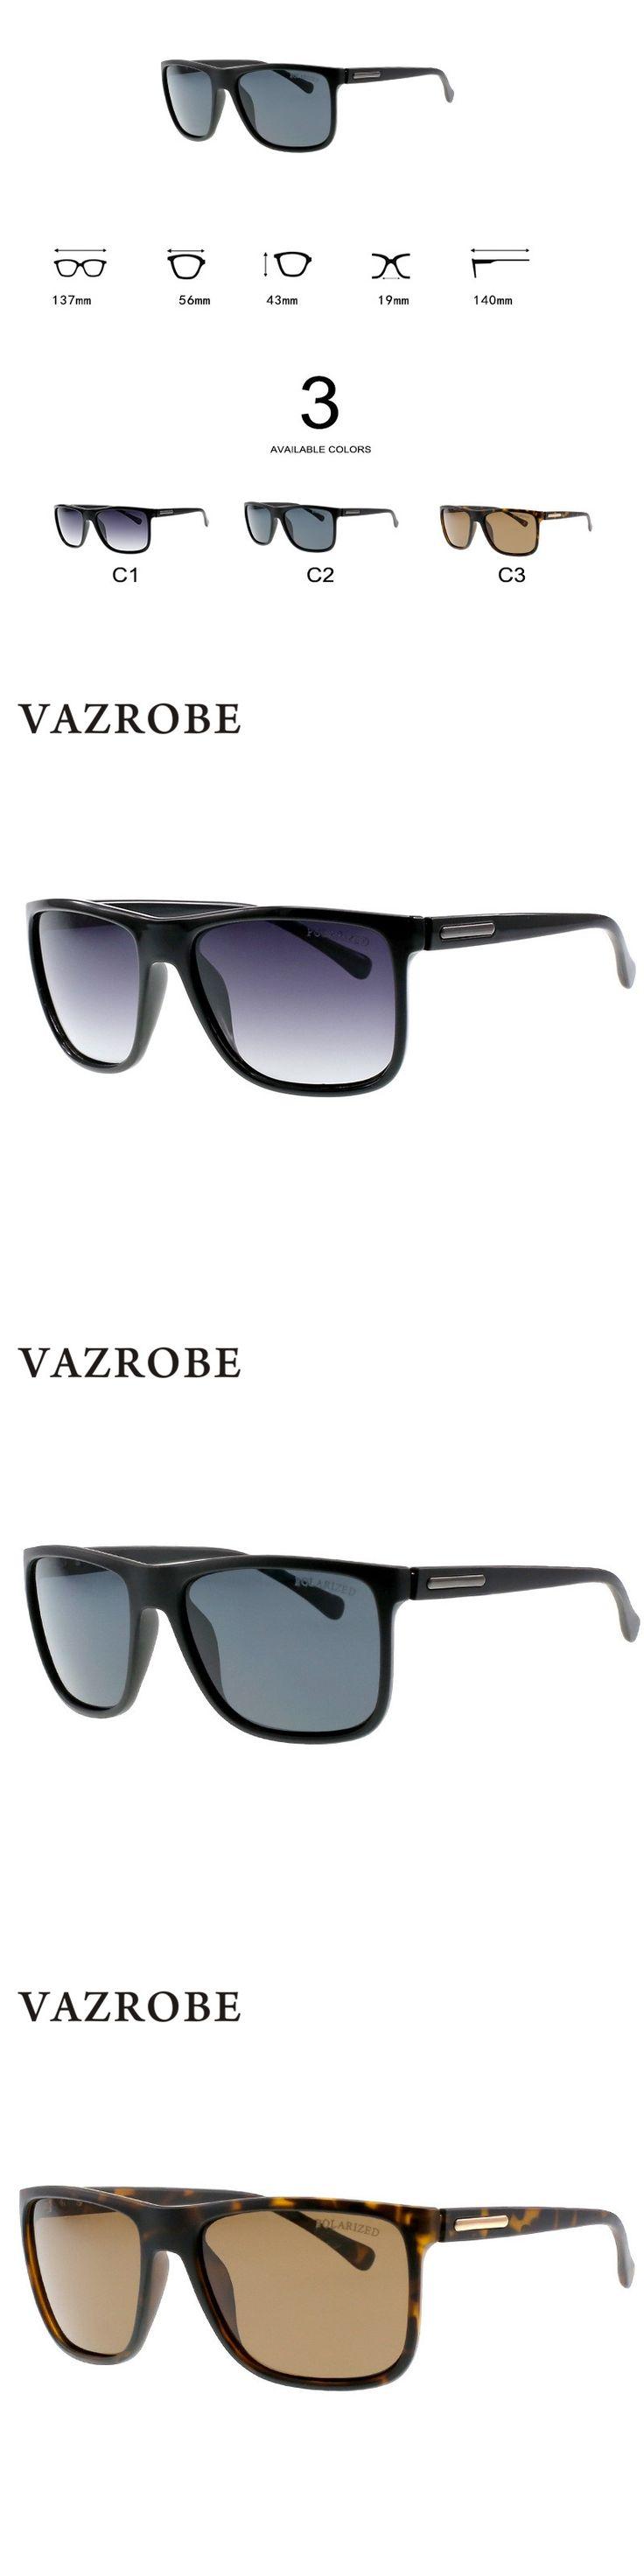 Vazrobe Brand 2018 Polarized Sunglasses for Men Black/brown Sun Glasses Male Driving Goggles Anti Glare UV400 Case Free Man